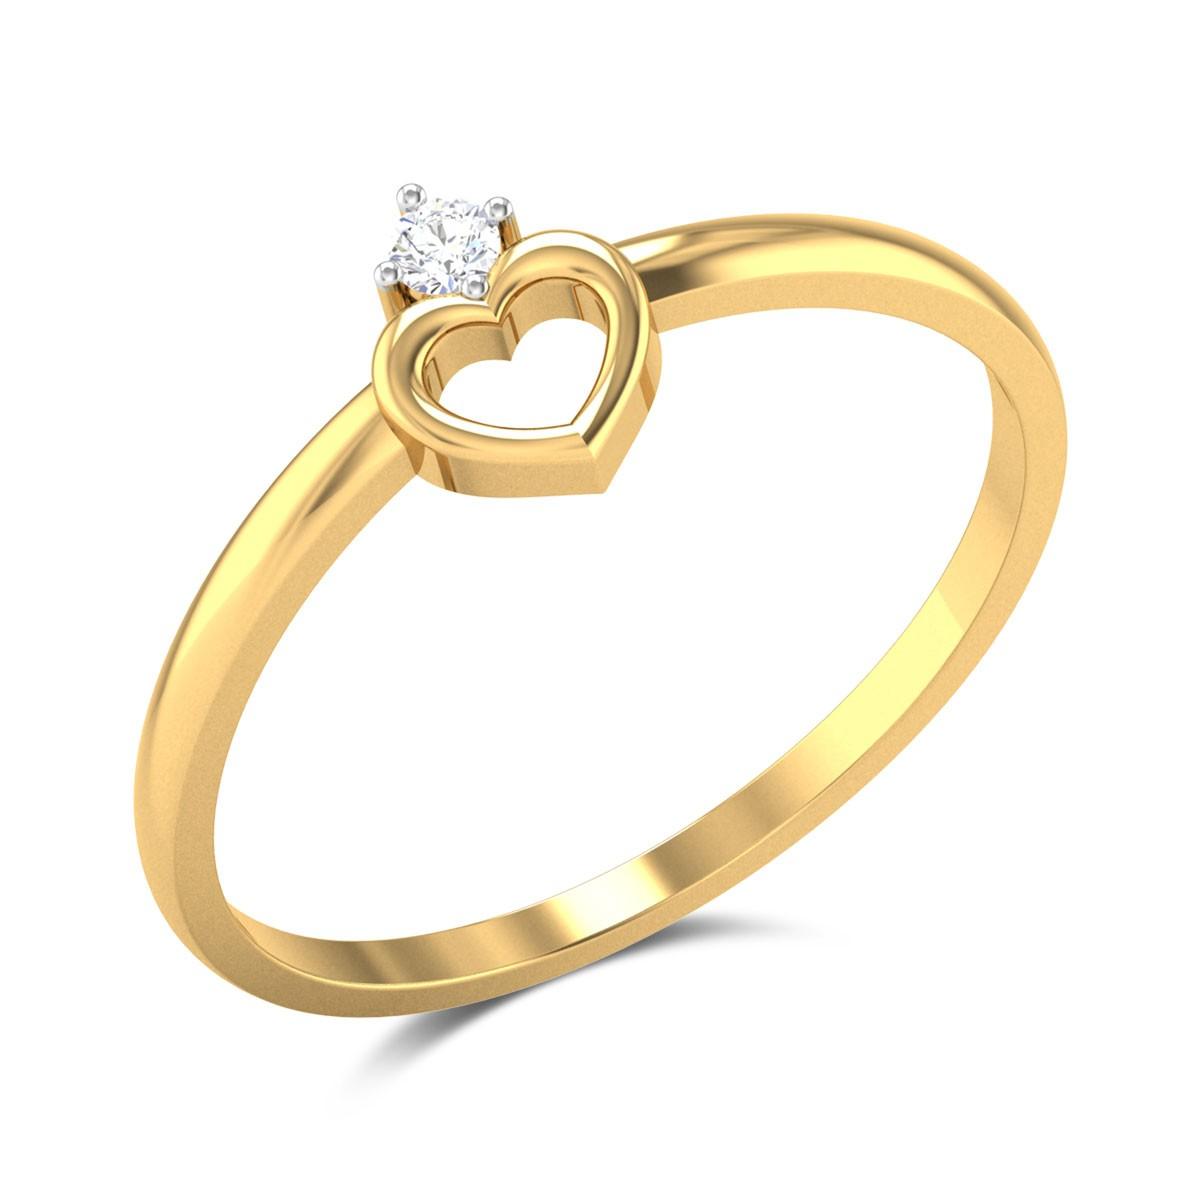 Hakon Heart Diamond Ring